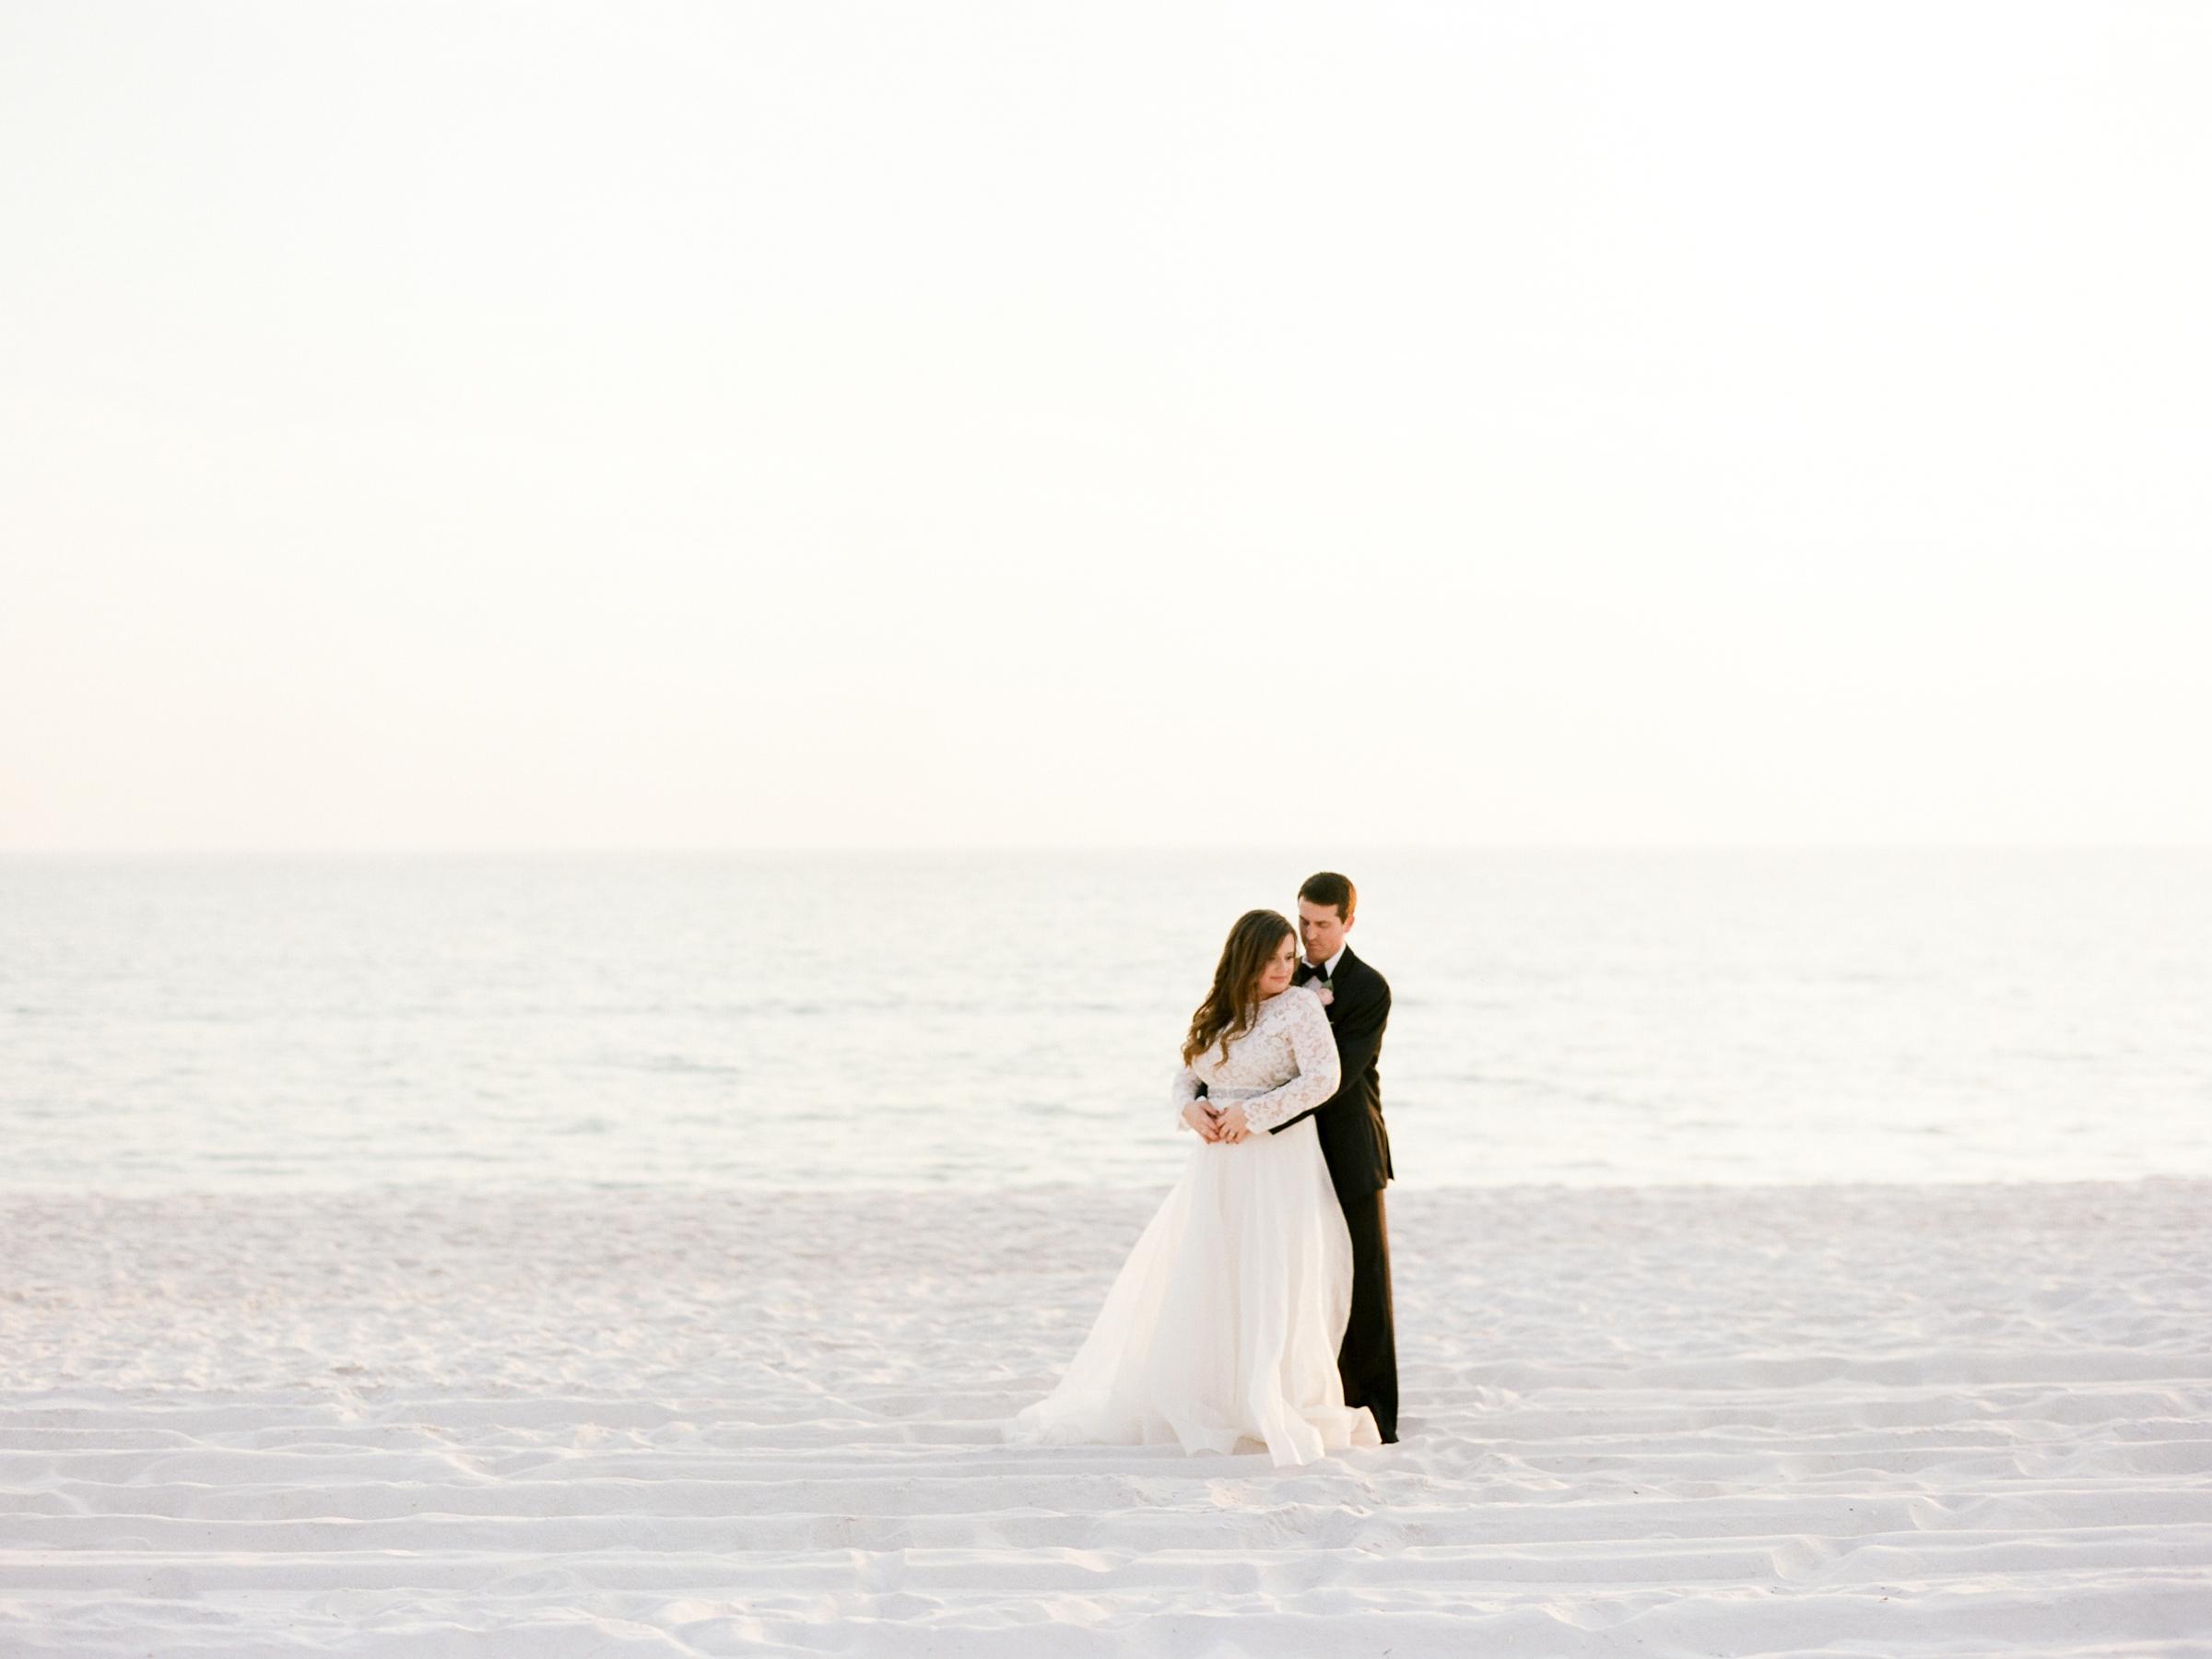 rosemary_beach_wedding_photographer_shannon_griffin_0021.jpg